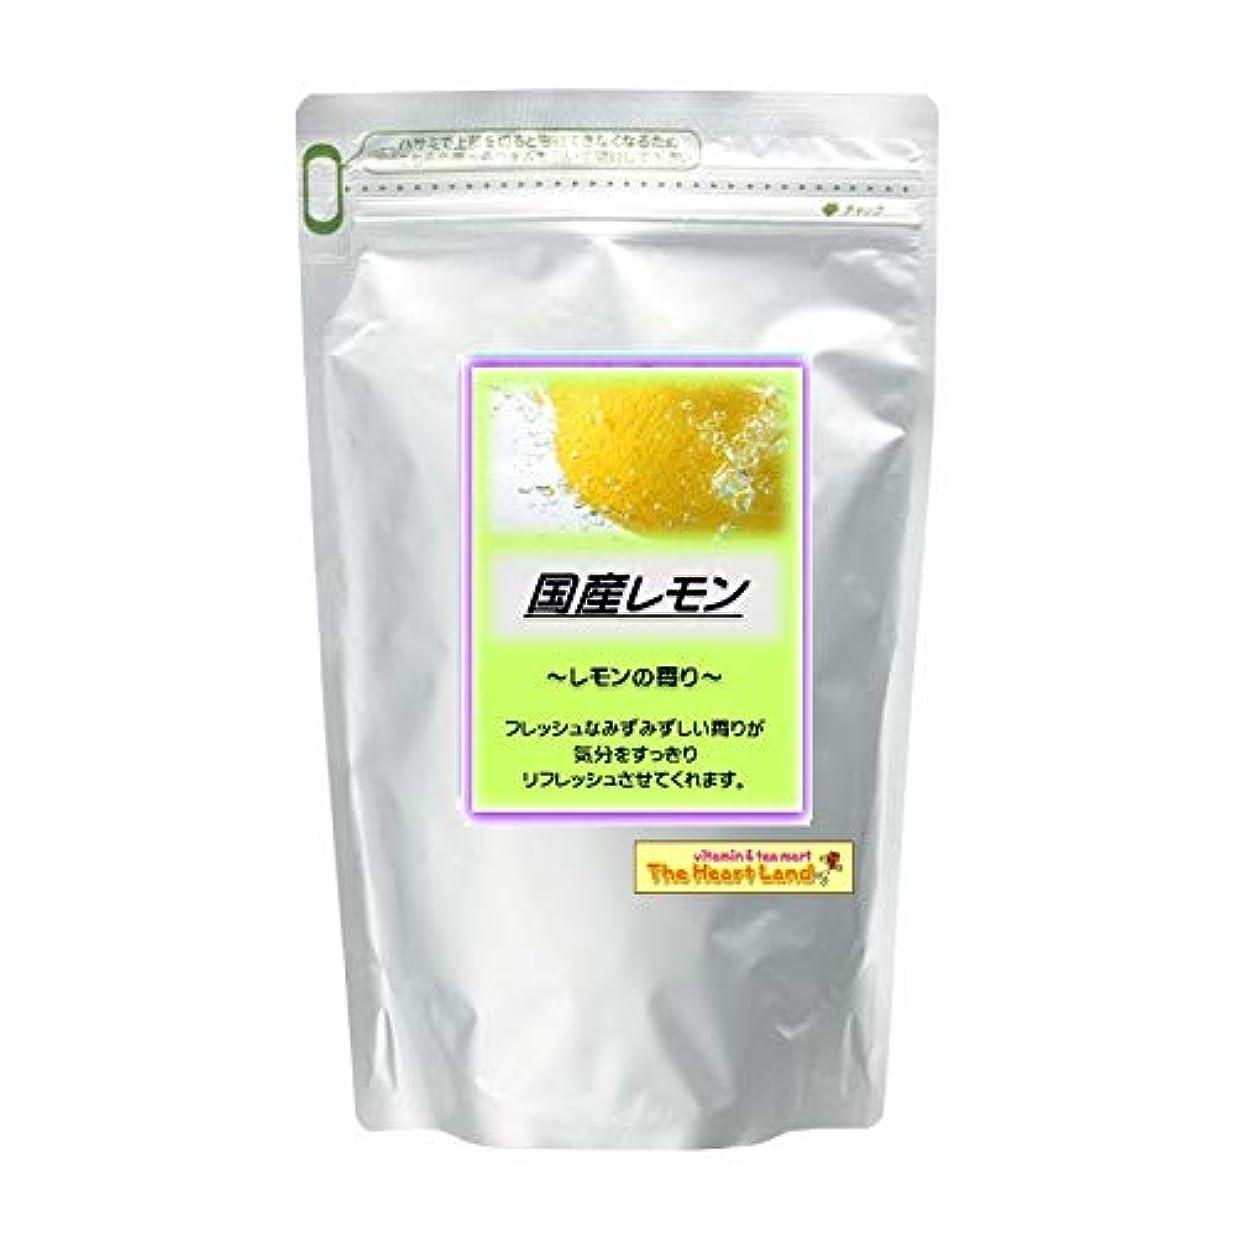 スライス舞い上がる体系的にアサヒ入浴剤 浴用入浴化粧品 国産レモン 300g